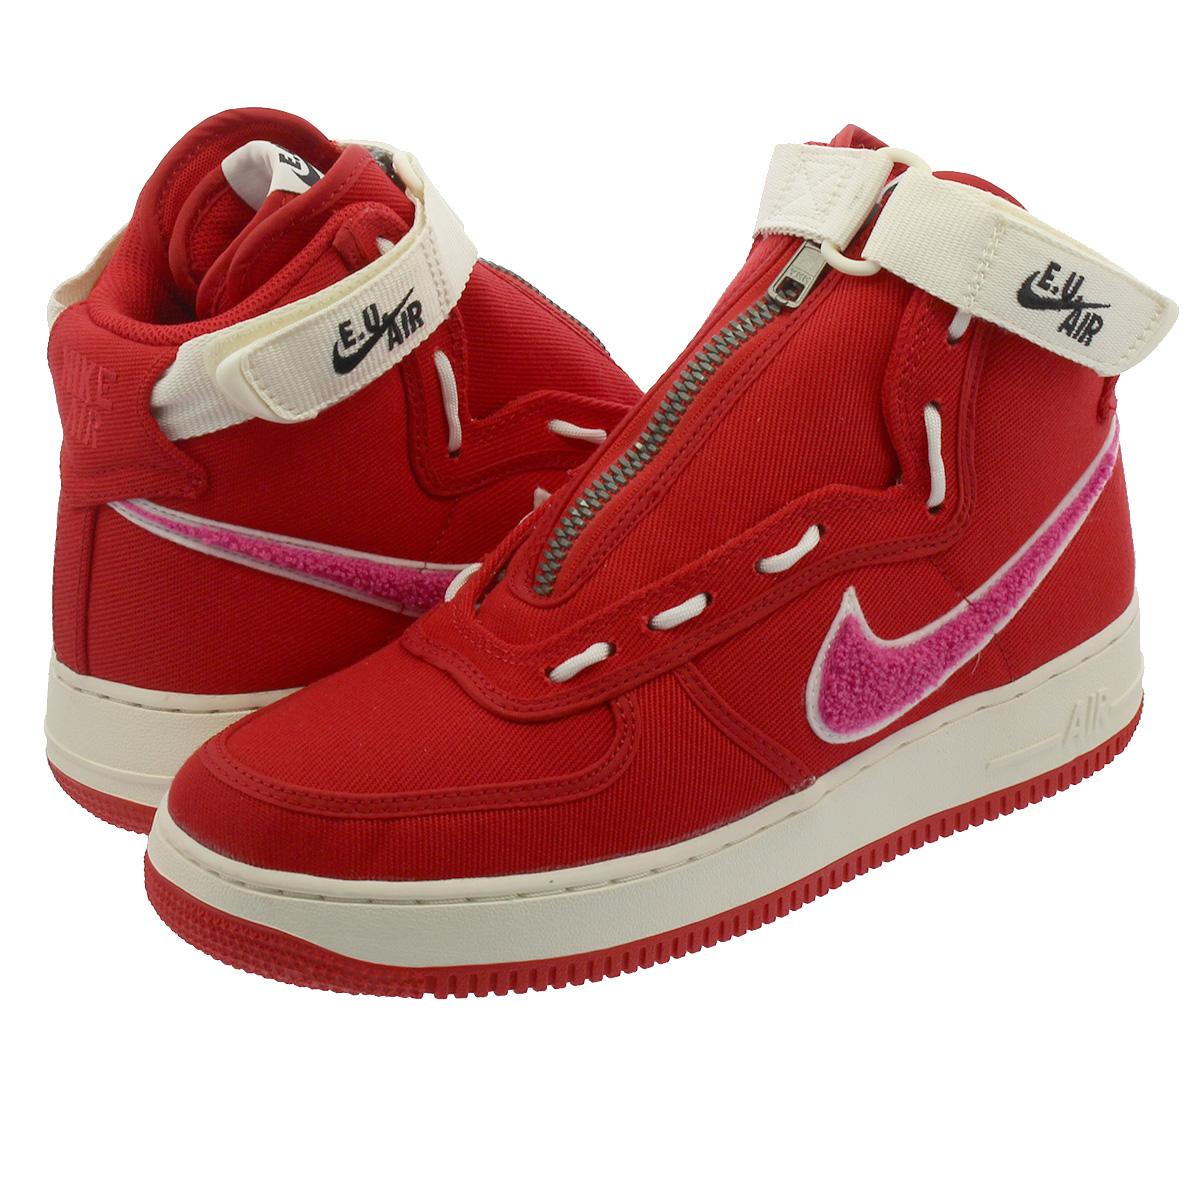 pretty nice 83089 b8a8f NIKE AIR FORCE 1 HIGH Nike air force 1 high TEAM RED/SAIL/PINK BLAST  av5840-600